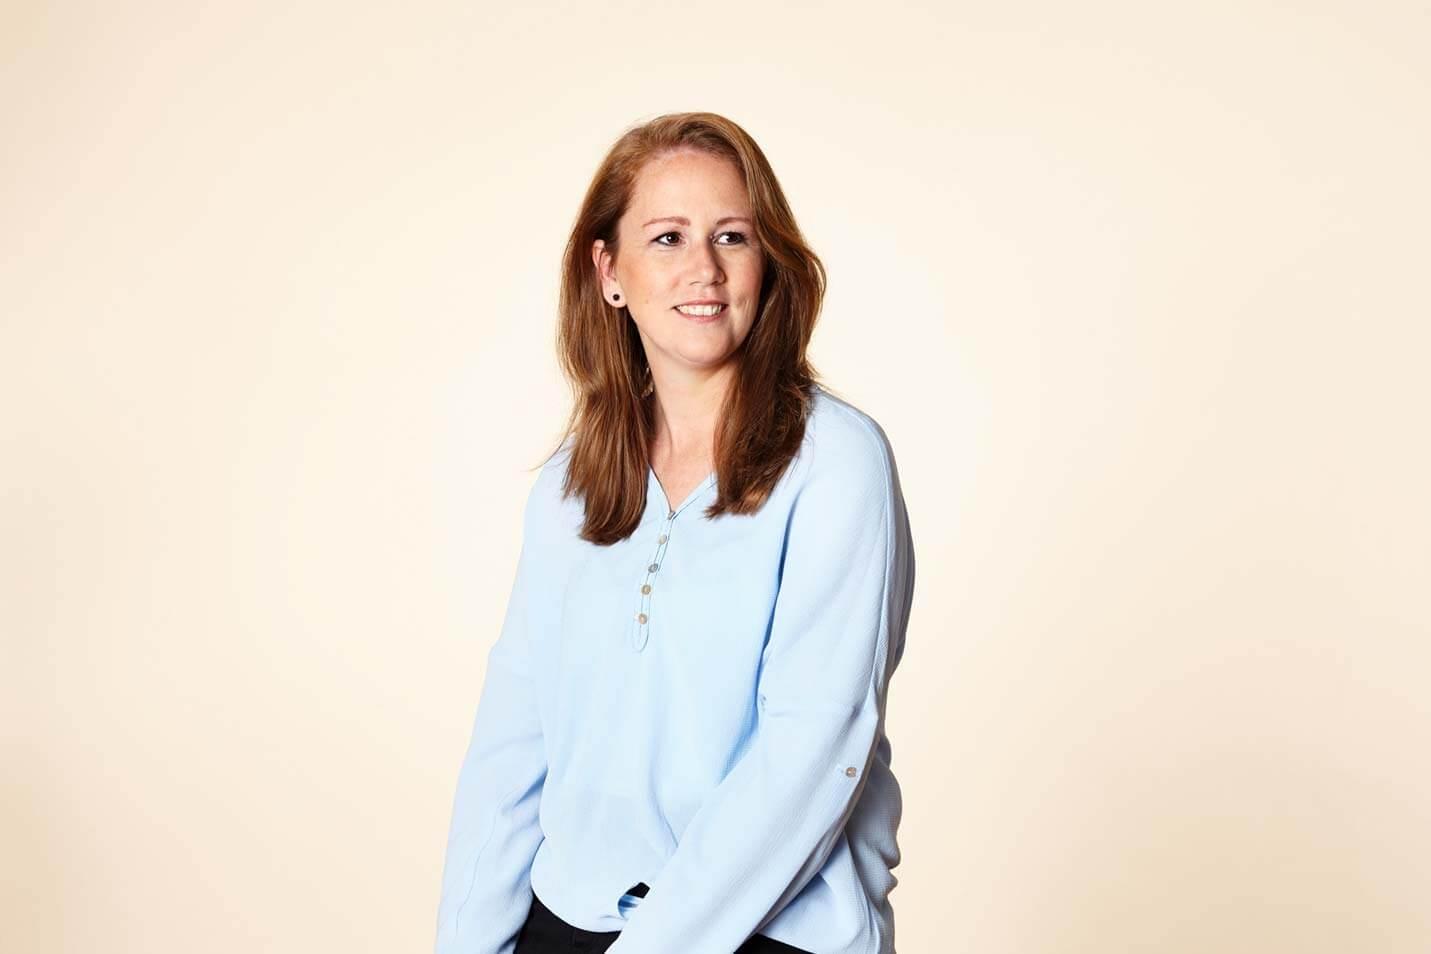 Simone van Oosterhout